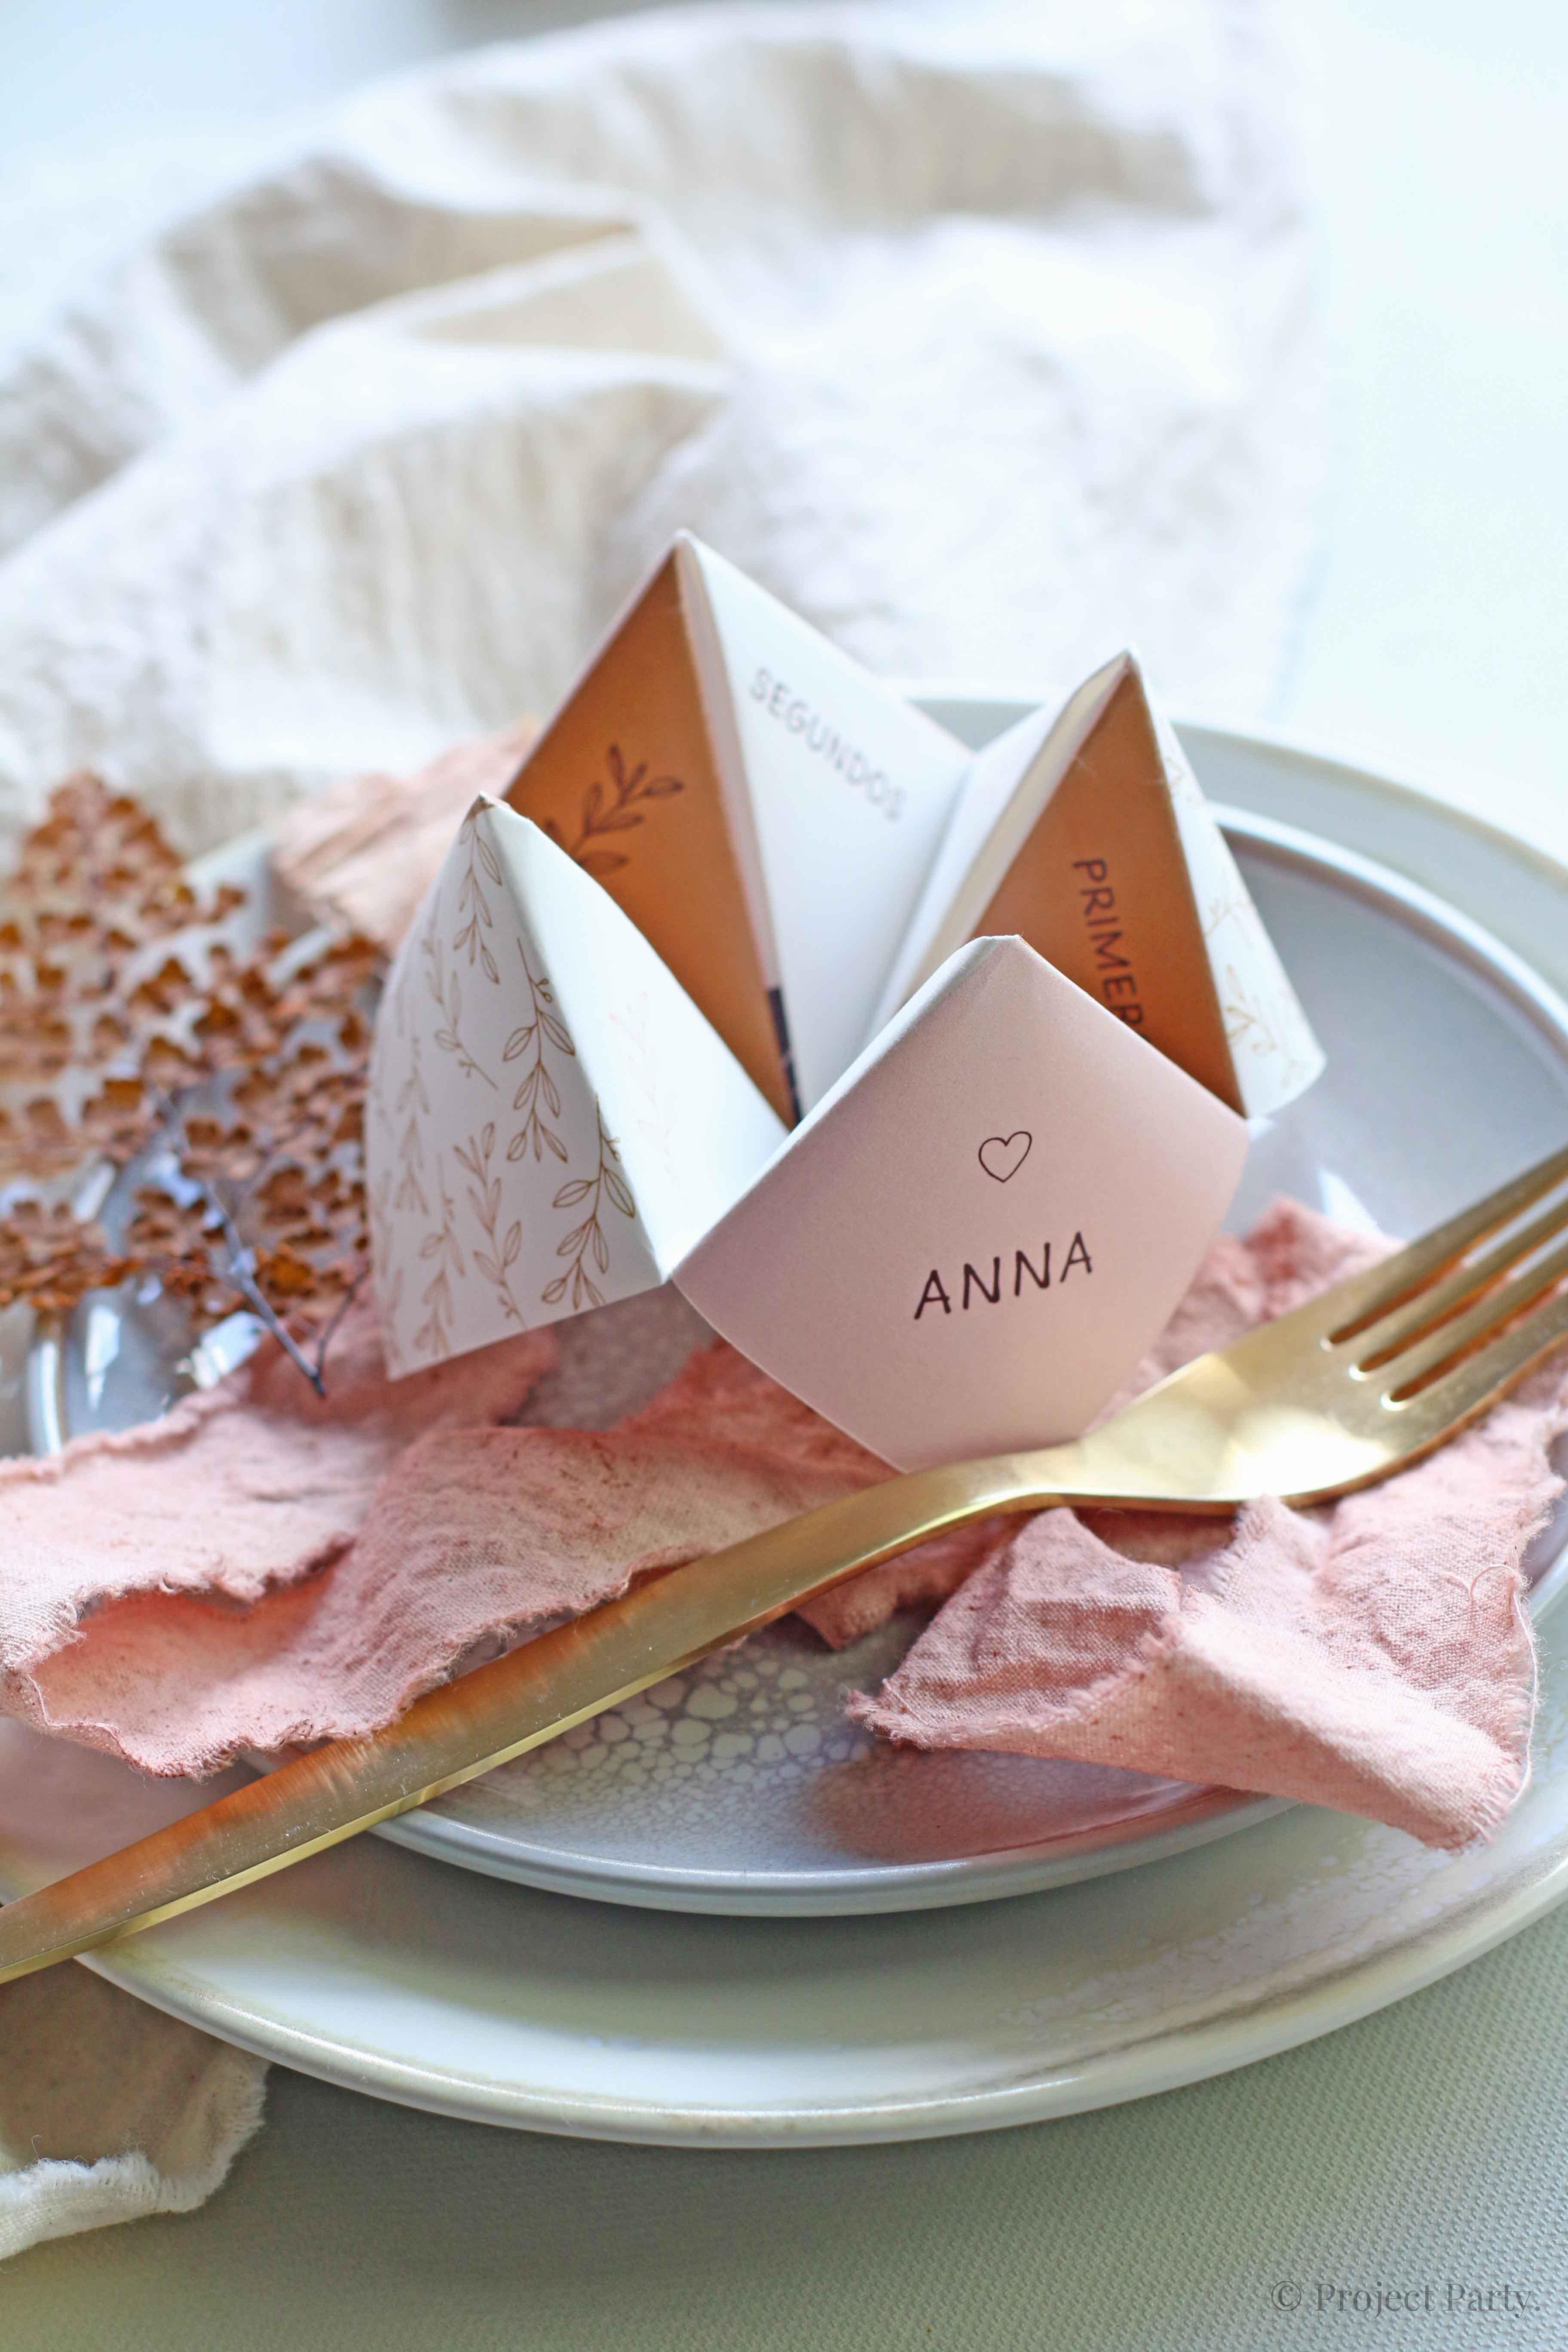 Invitaciones de boda hechas a mano - comecoco